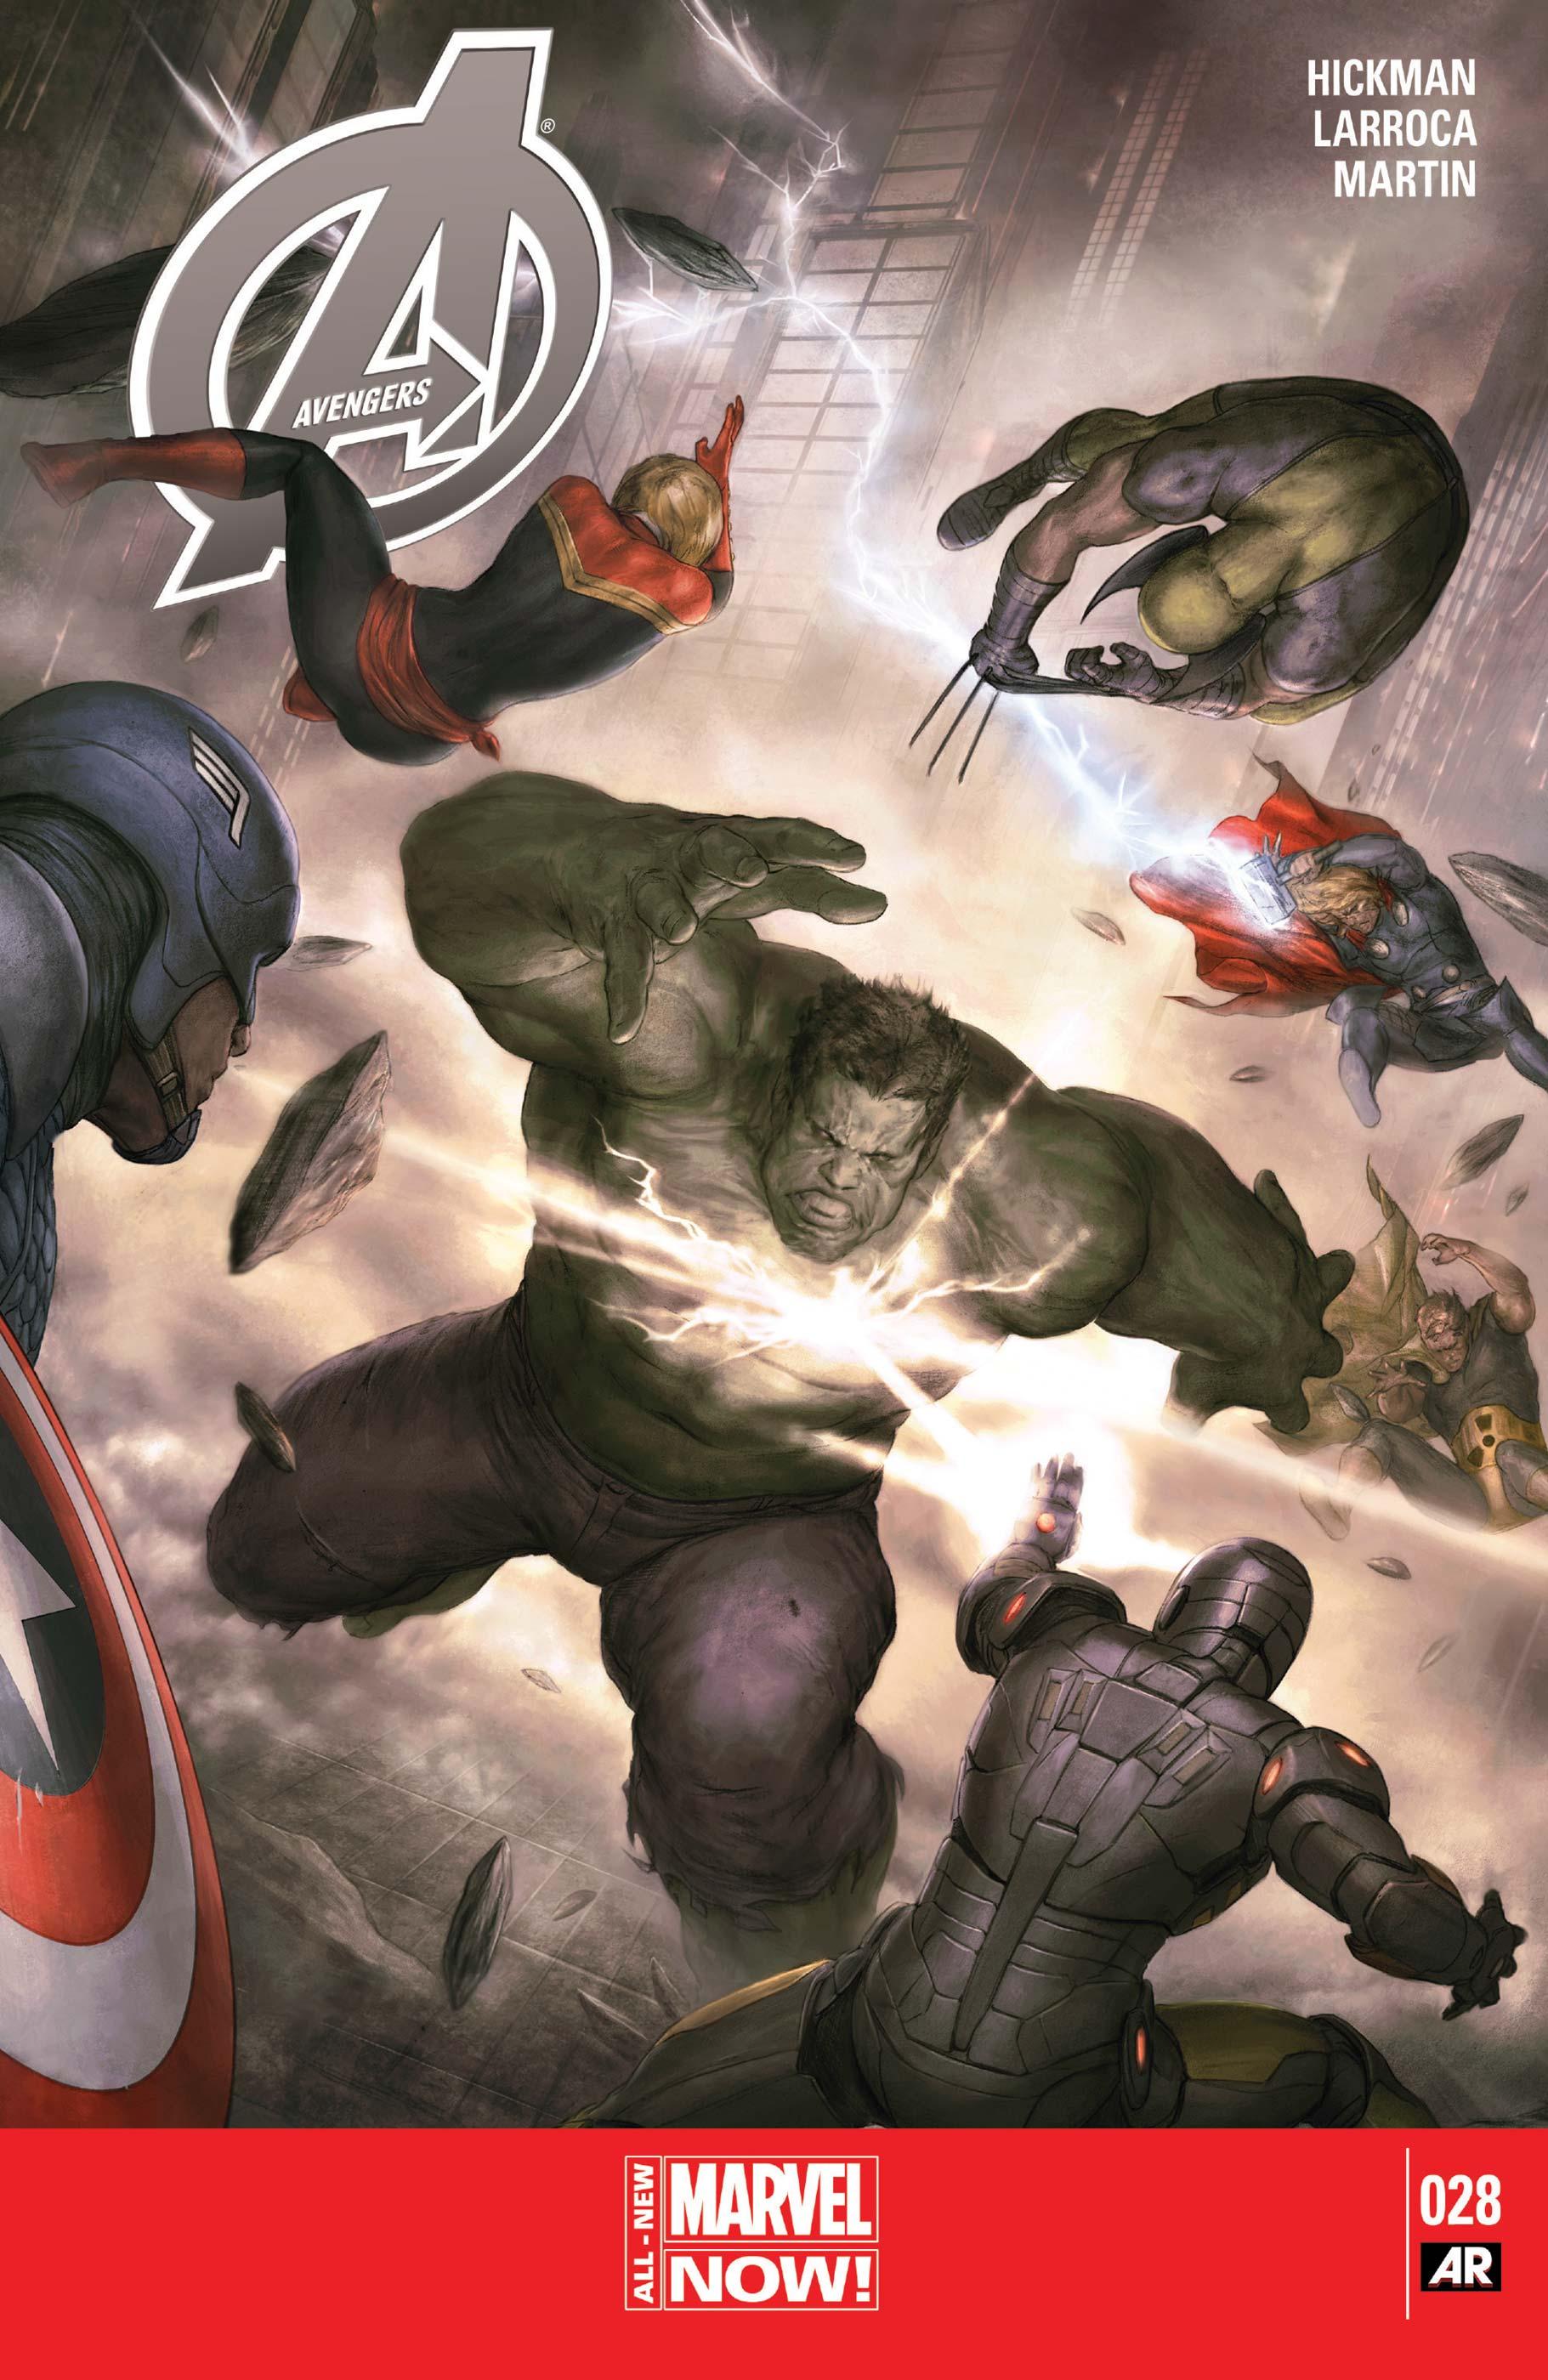 Avengers (2012) #28